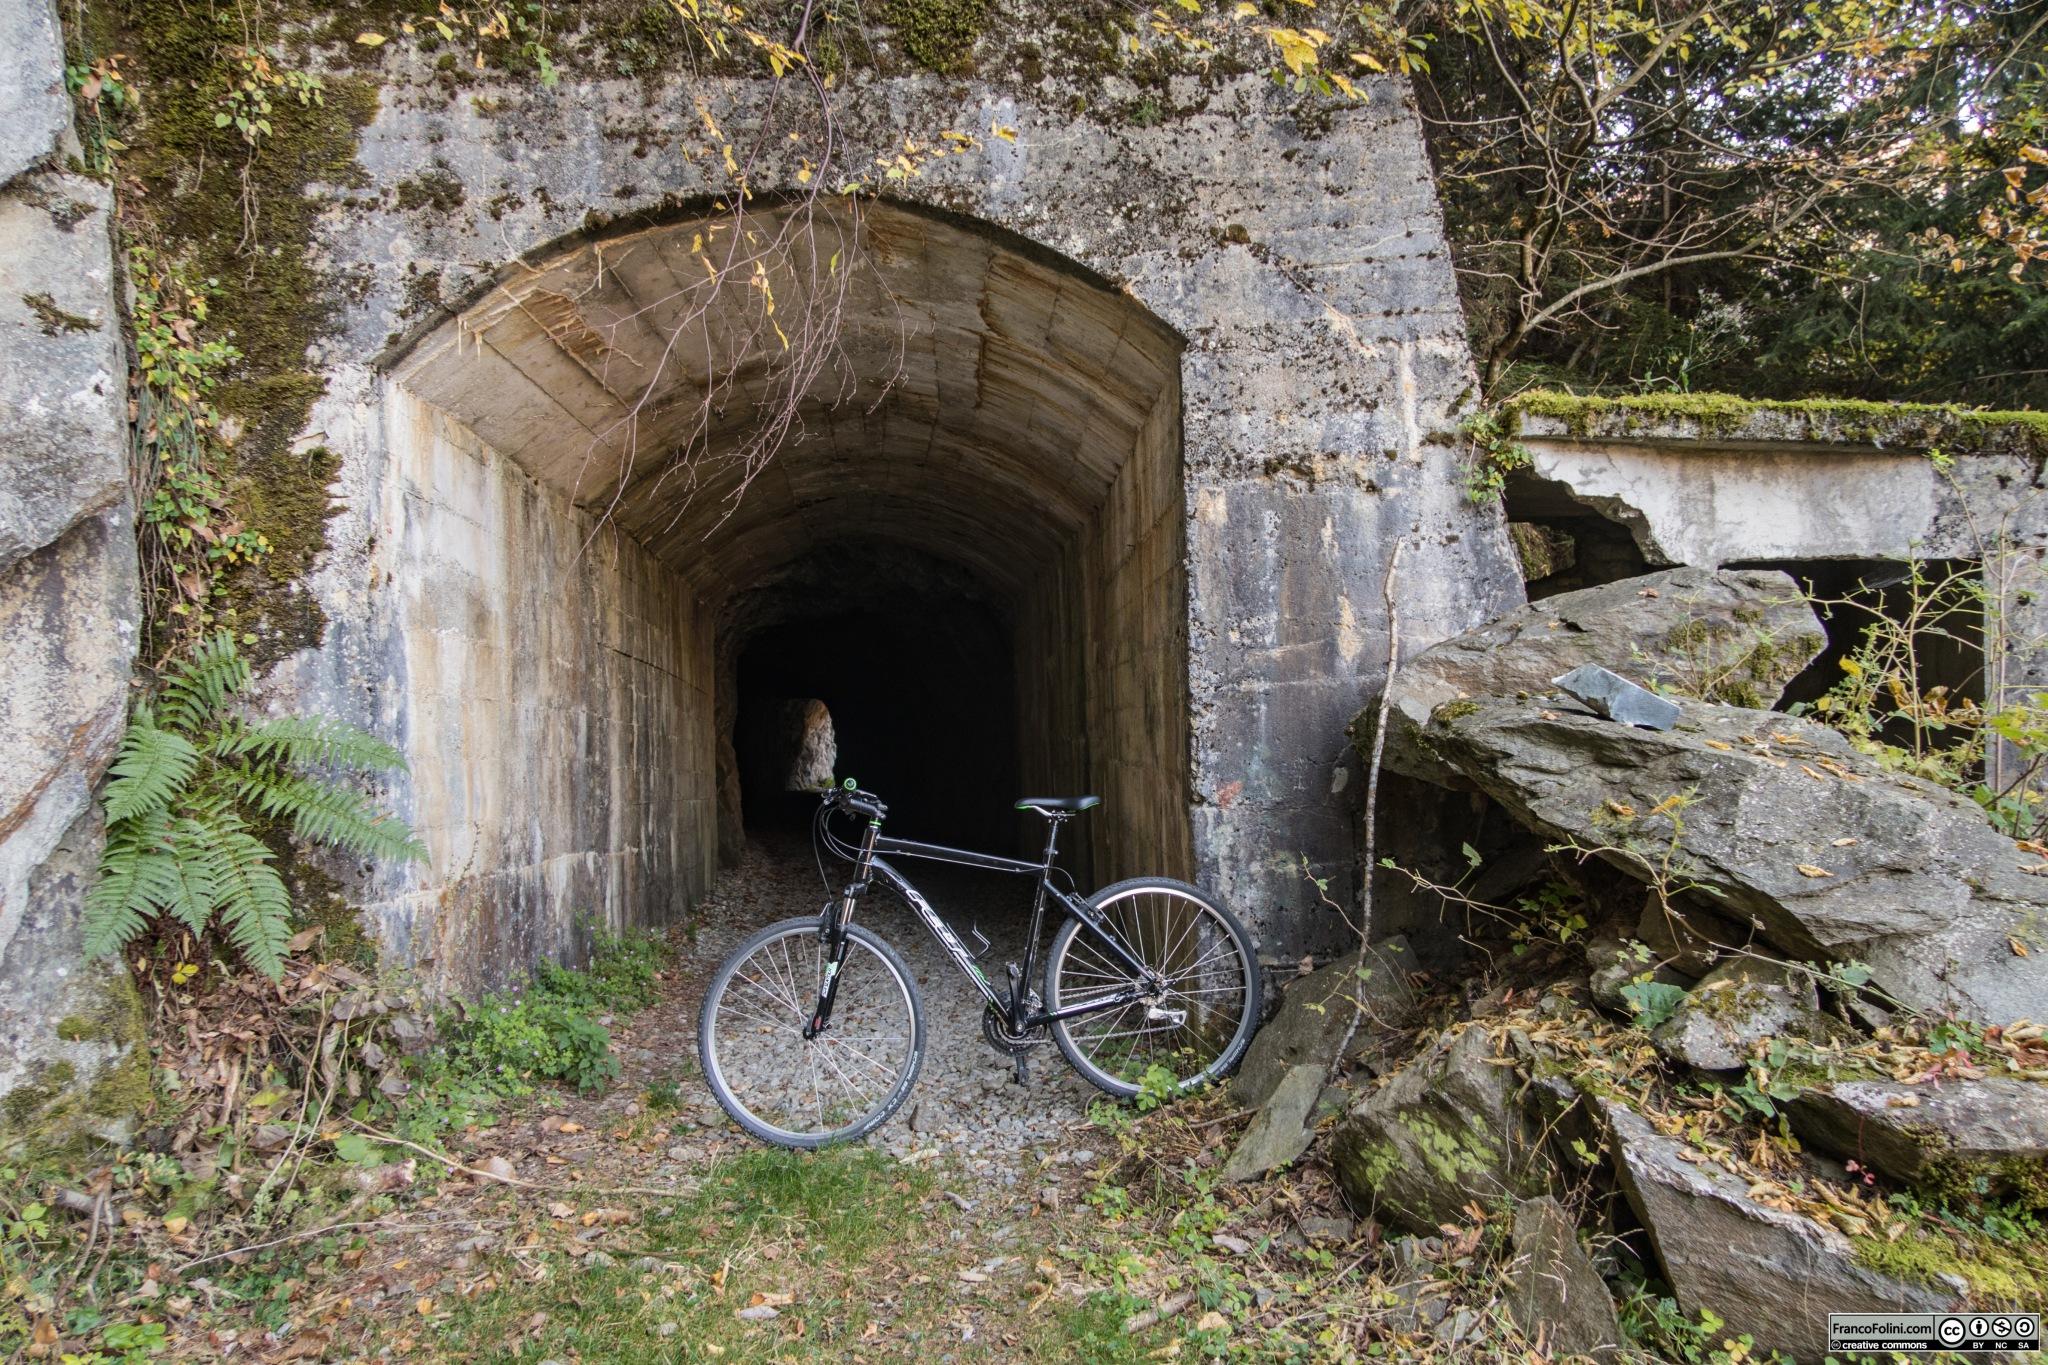 L'ingresso di una delle tante gallerie che si incontrano nel tratto della decauville tra il Gaggio e Vedello.